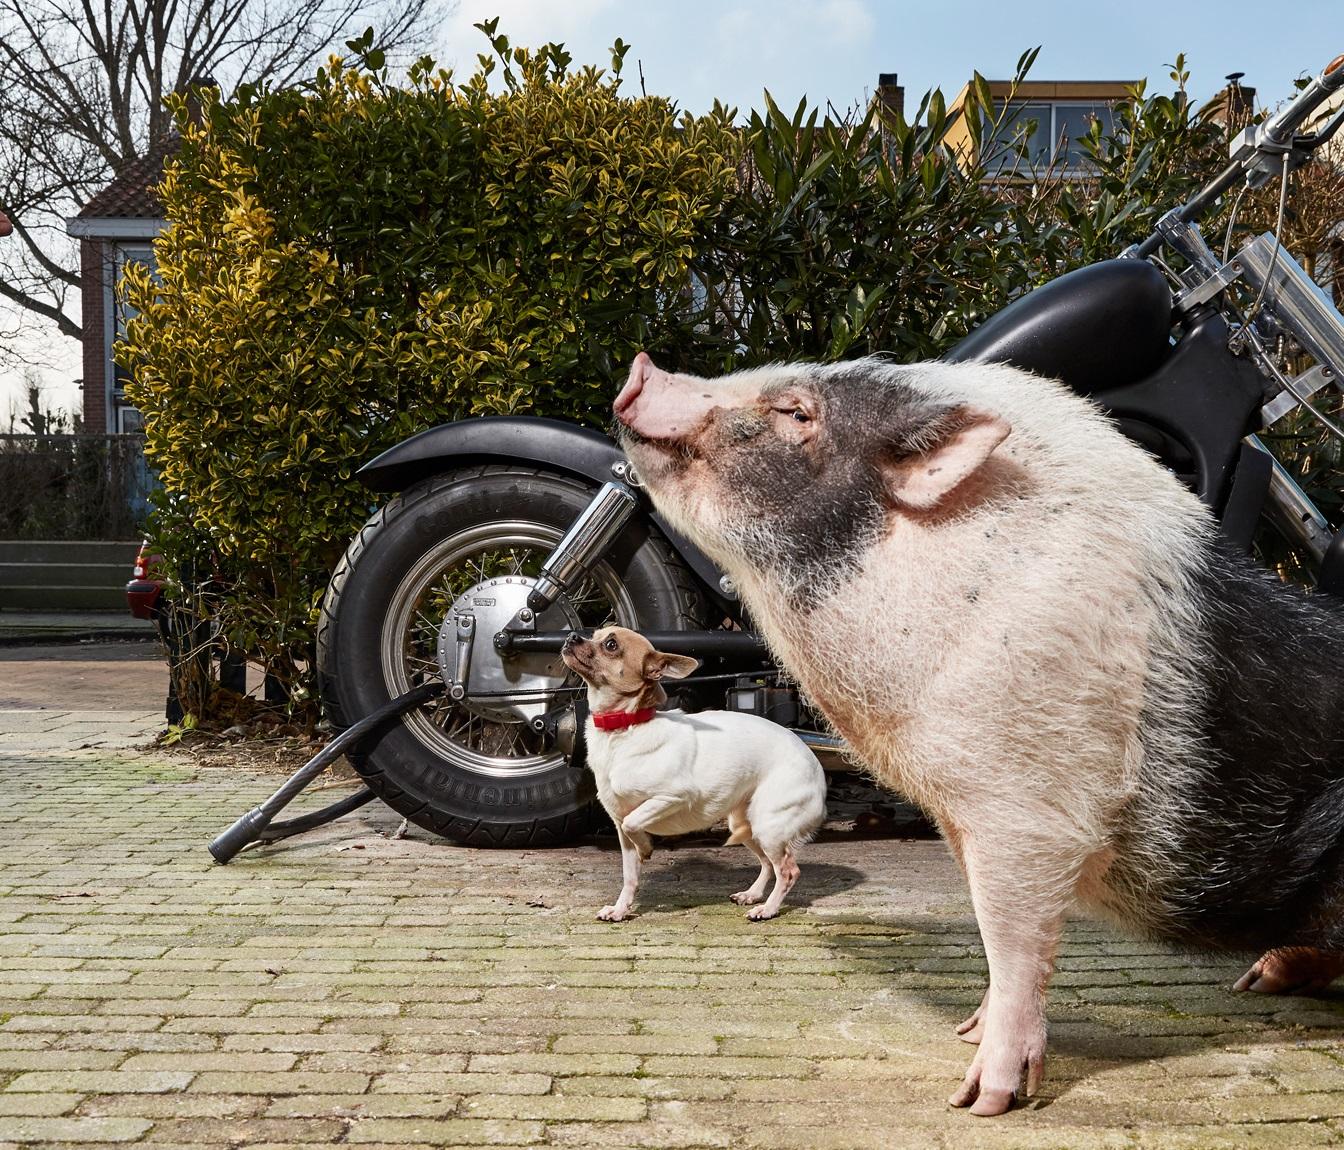 Isabella Rozendaal Foto Opdracht 2016 voor Stadsarchief Amsterdam, een varken en een hond bij brommer